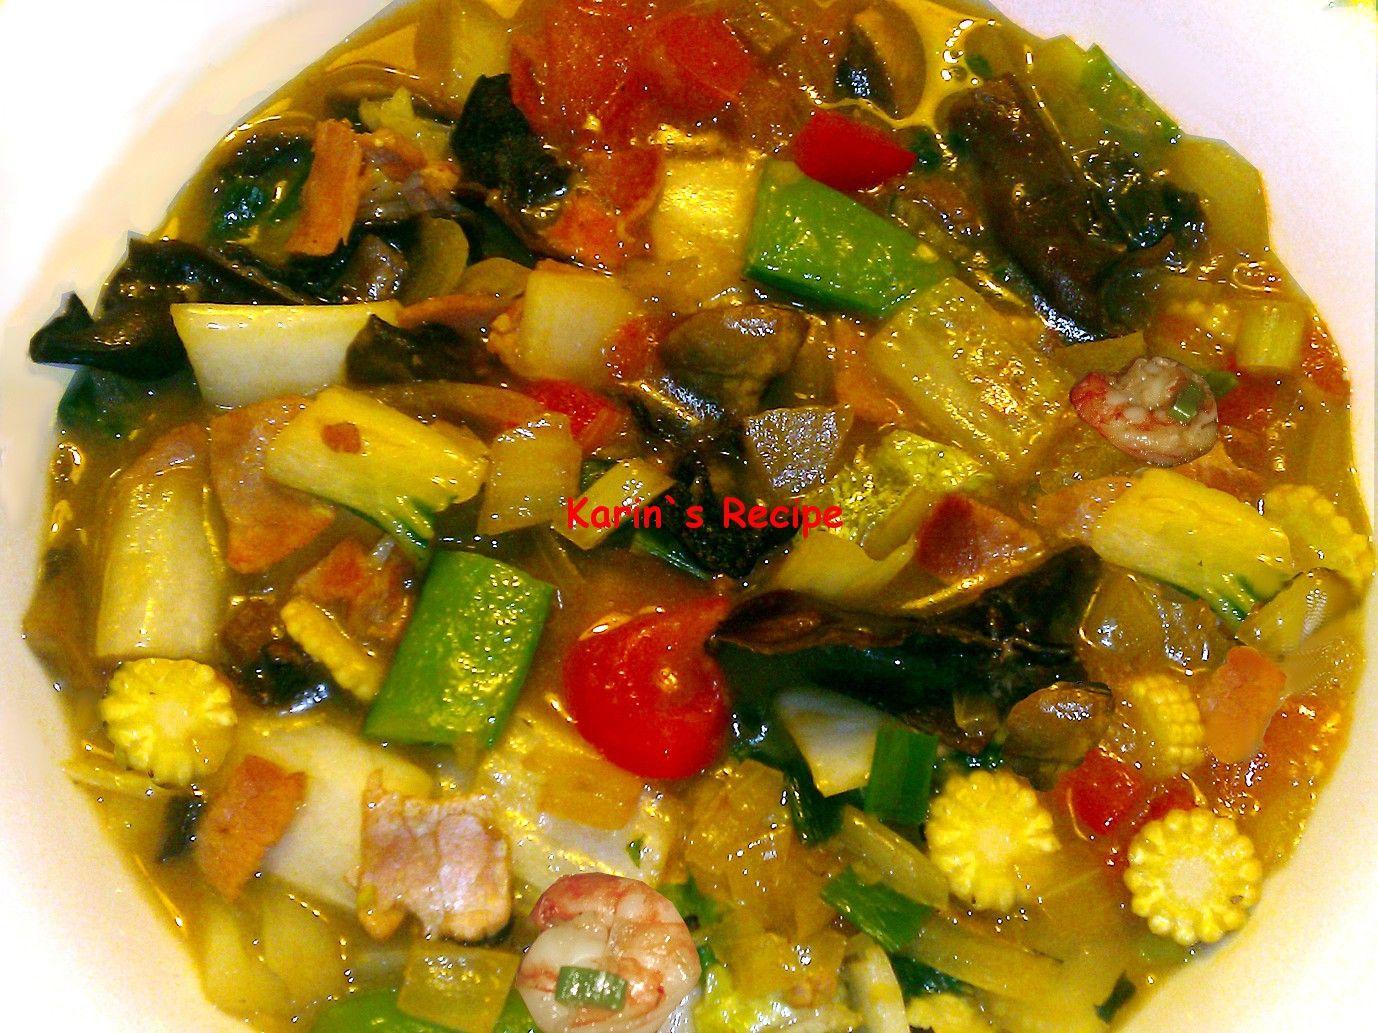 Karin S Recipe Cap Cay Goreng Fried Chop Suey Resep Makanan